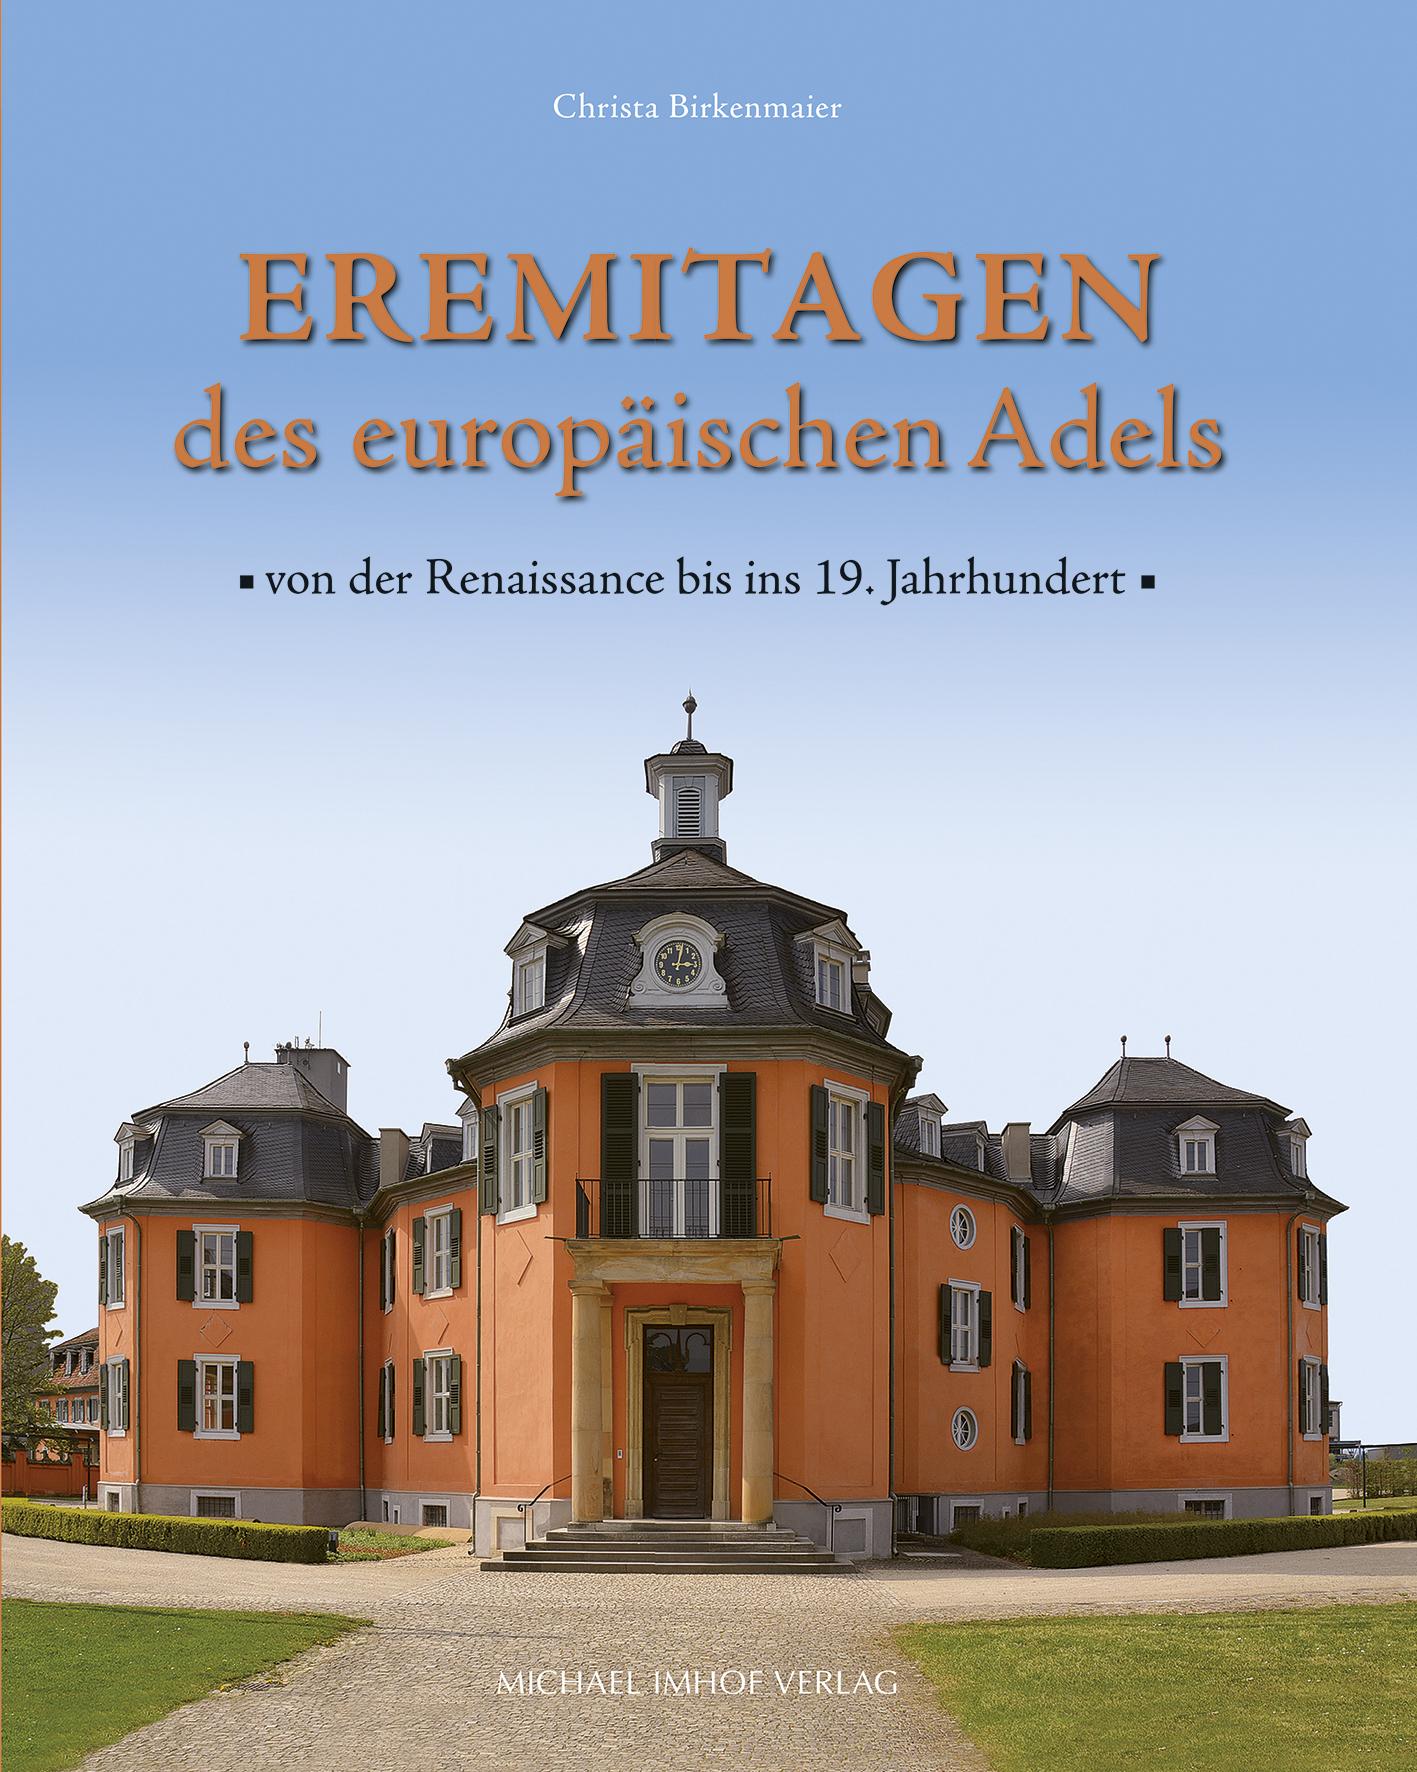 Eremitagen europ‰ischer Adel_Umschlag neu.qxp_Layout 1